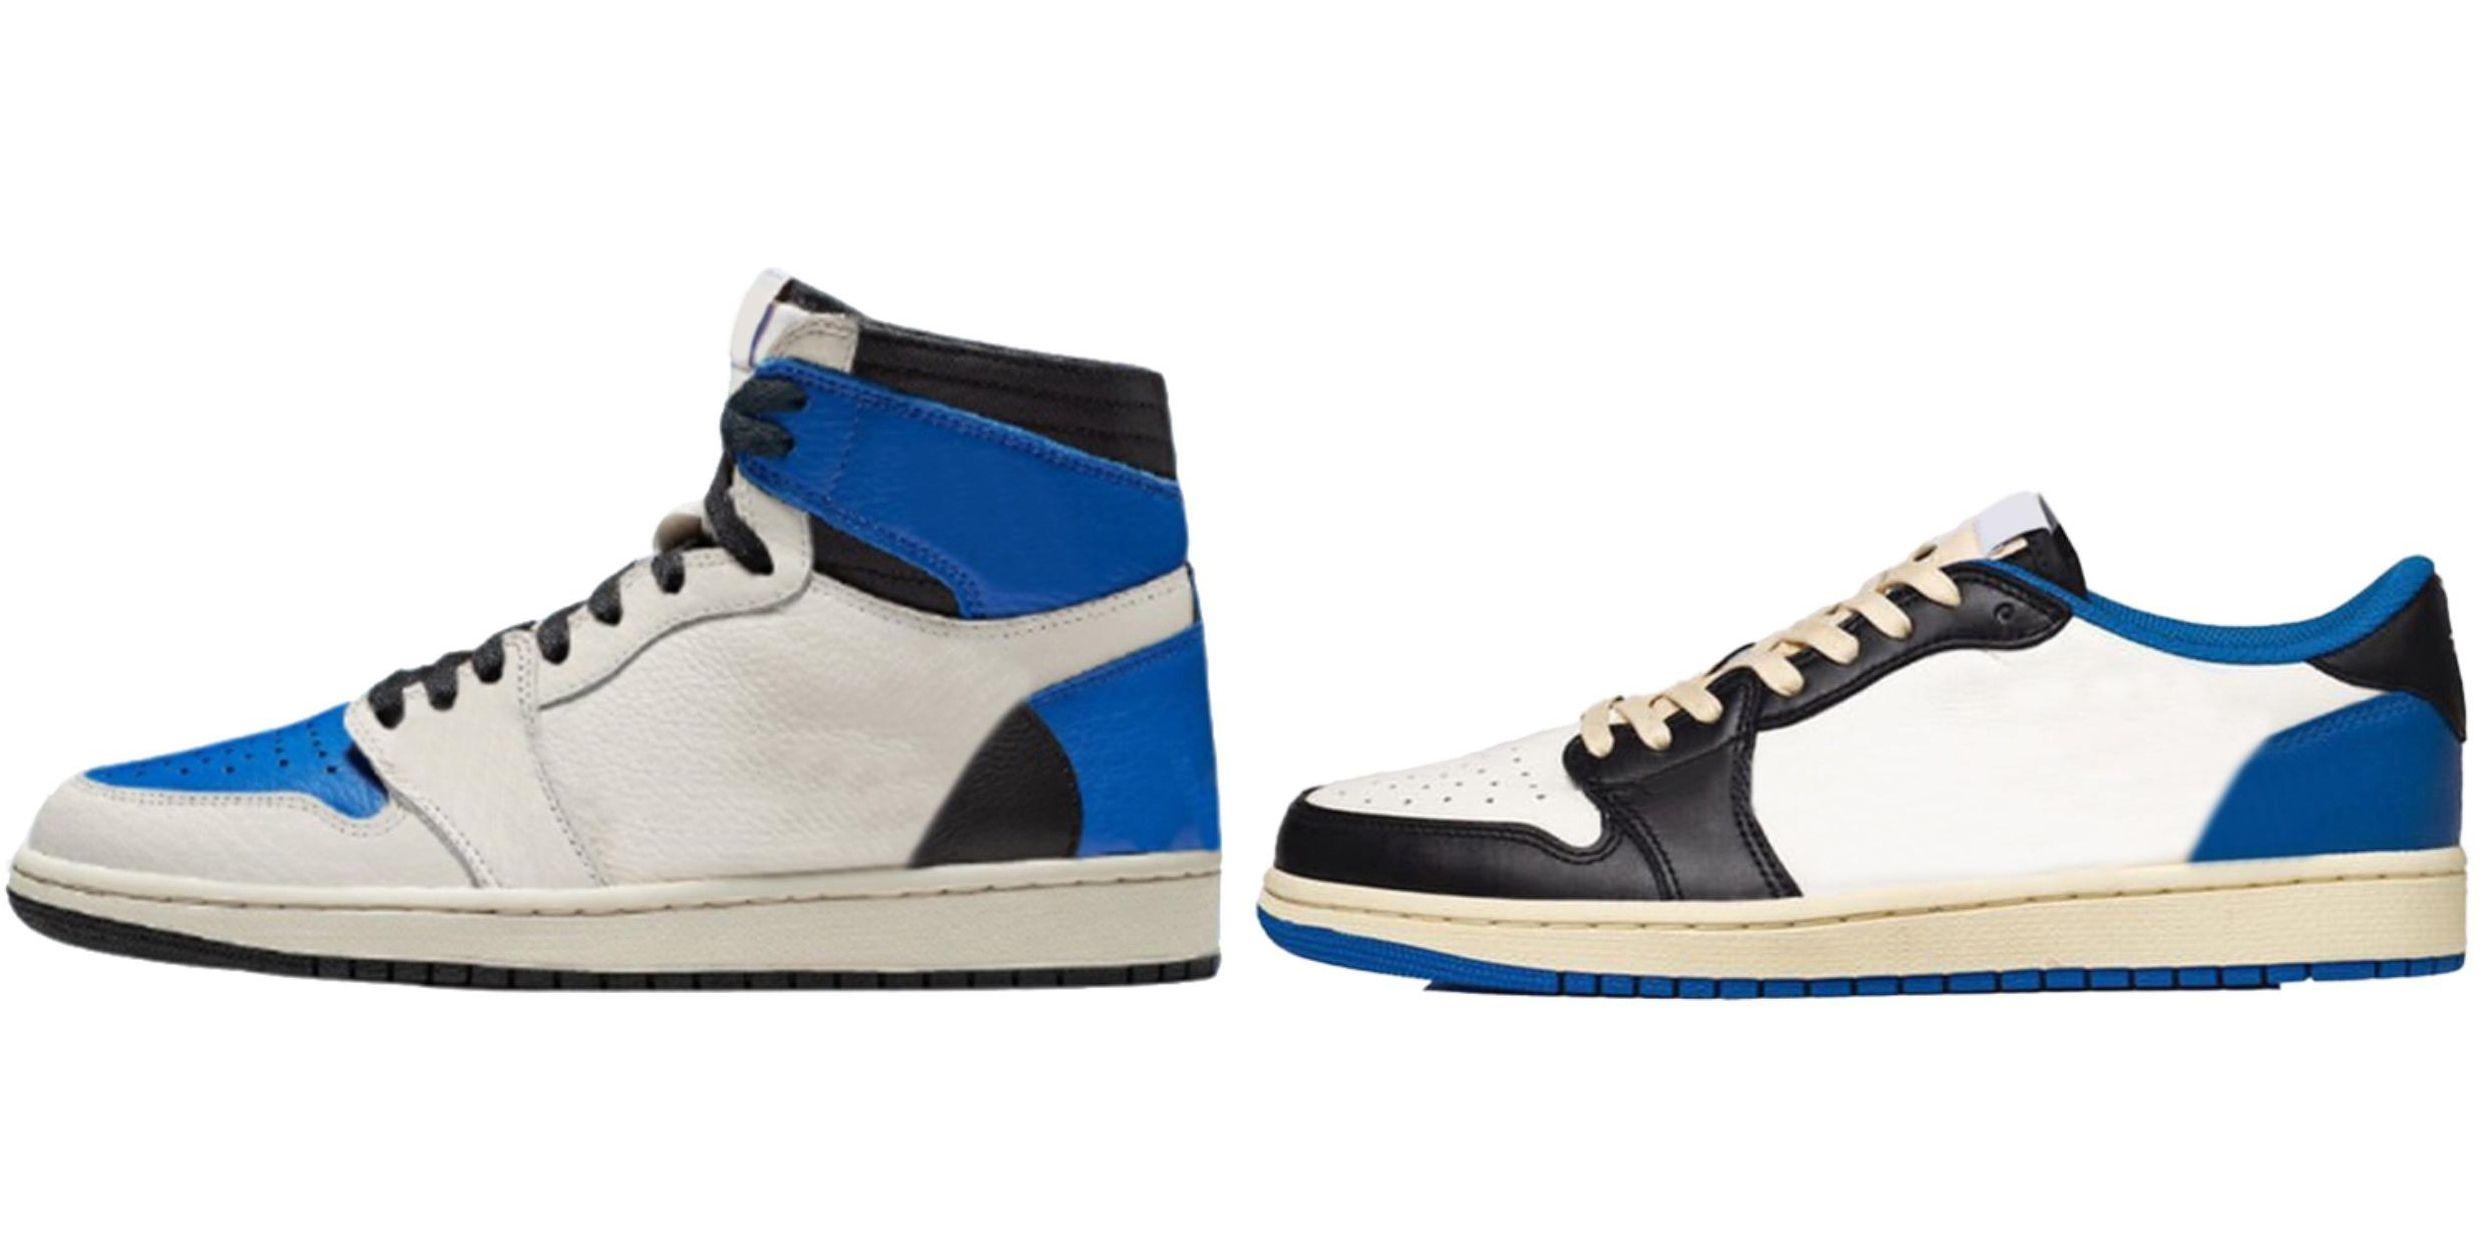 شظية أصيلة x ترافيس سكوت تصميم 1 عالية og ts sp الرجال الأحذية المنخفضة العسكرية الأزرق 1 ثانية الشراع أسود خجول الوردي امرأة DH3227-105 أحذية رياضية في الهواء الطلق مع مربع الأصلي DM7866-140